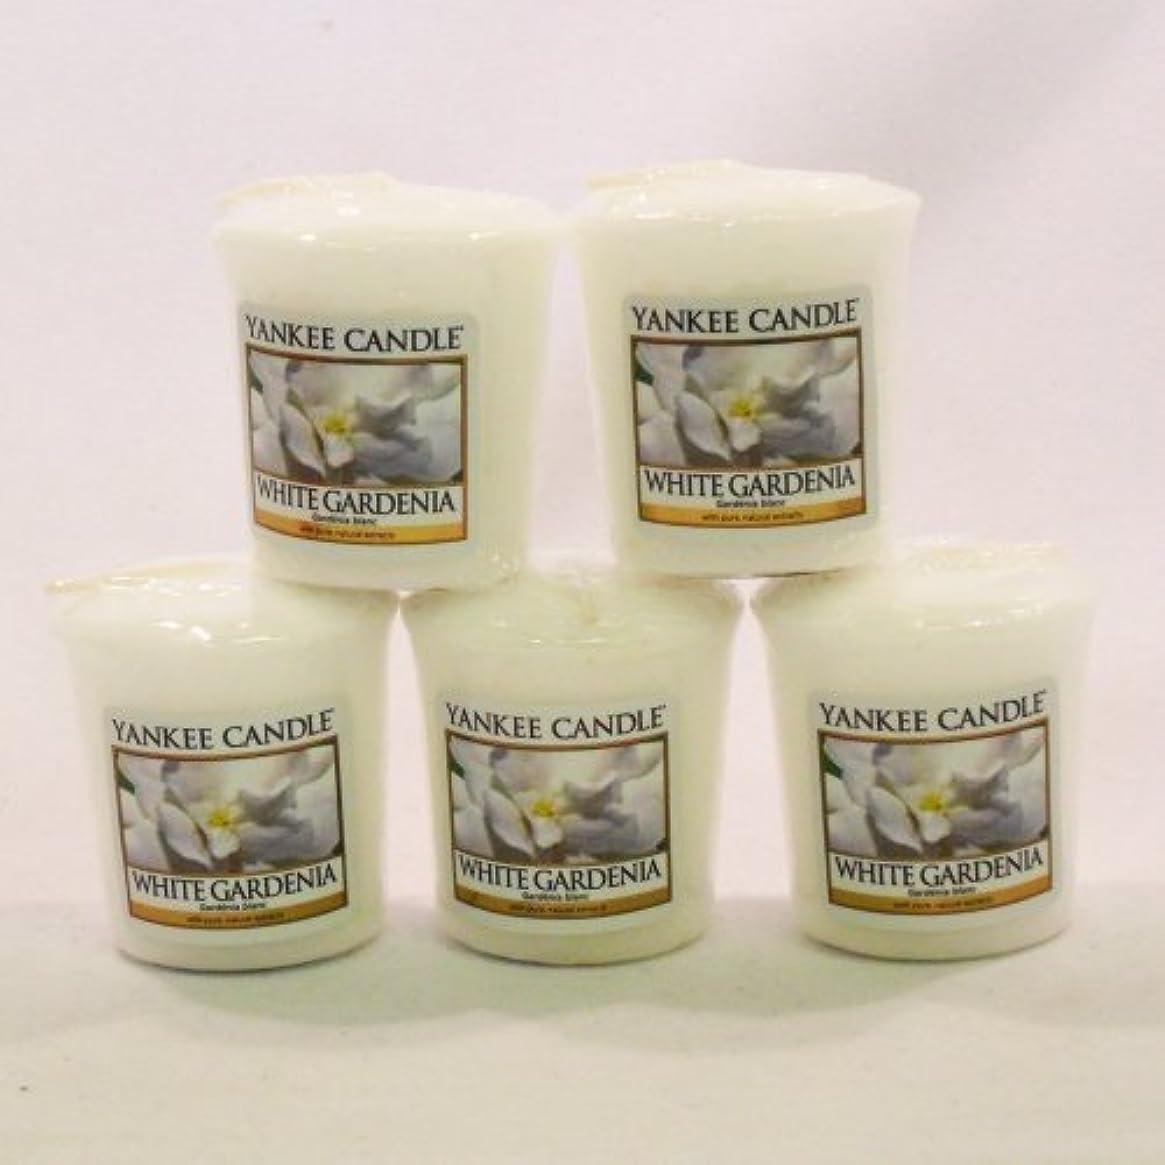 廃止剥離トライアスリートYankee Candleサンプラーvotives-yankee Candle – 5 xホワイトGardenia Votive Samplers – 新しい香りfor 2012 。